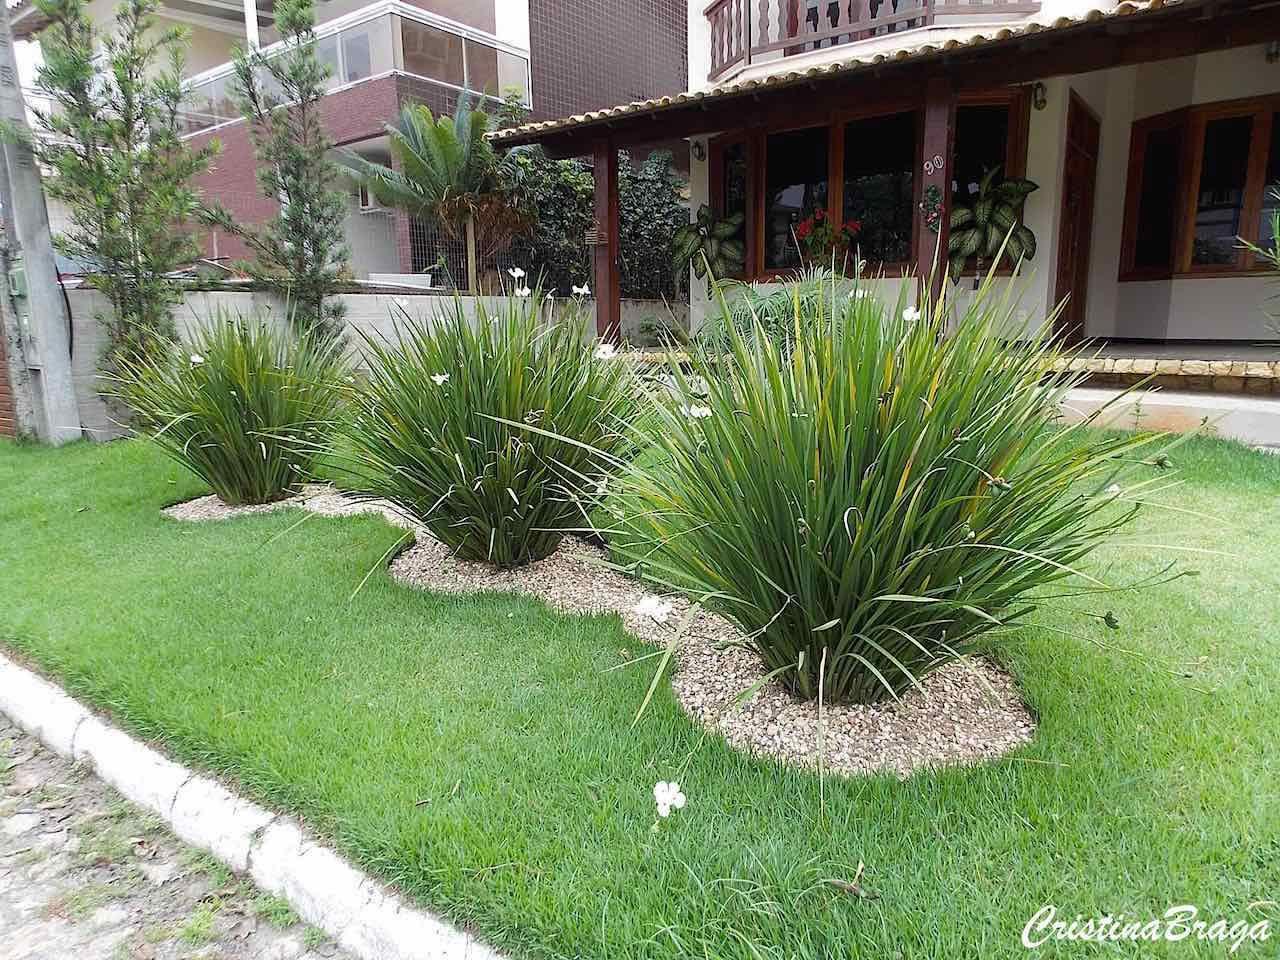 Moréia dietes bicolor gardens garden ideas and sidewalk ideas